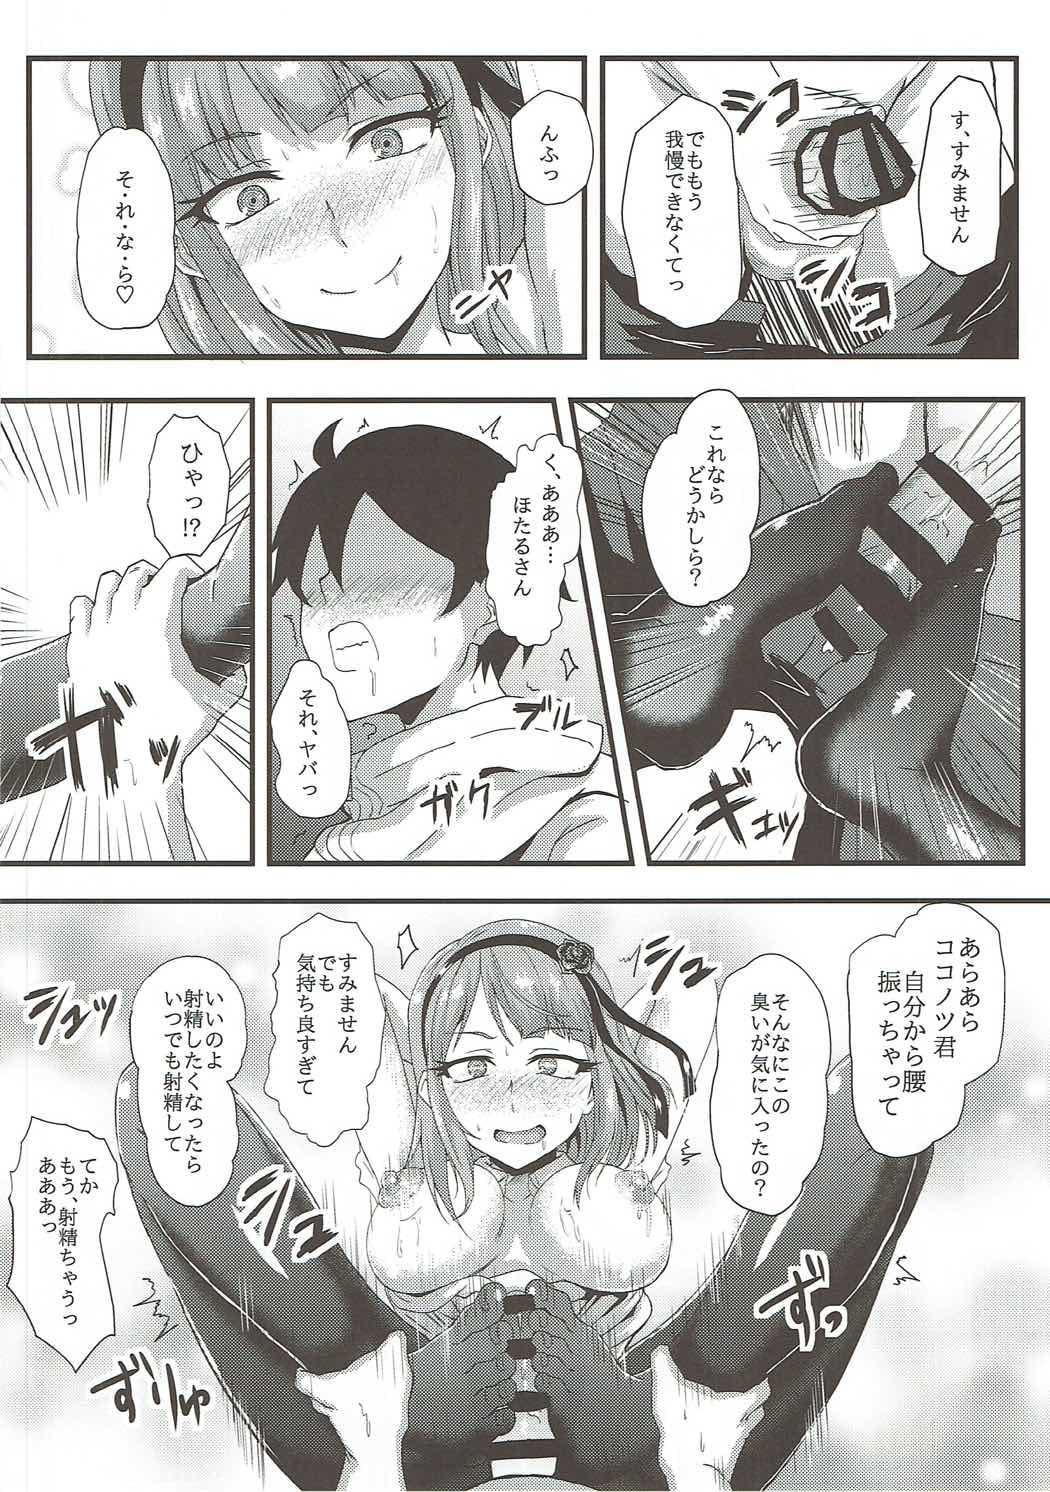 Hotaru-san wa Dagashi no Kaori? 10